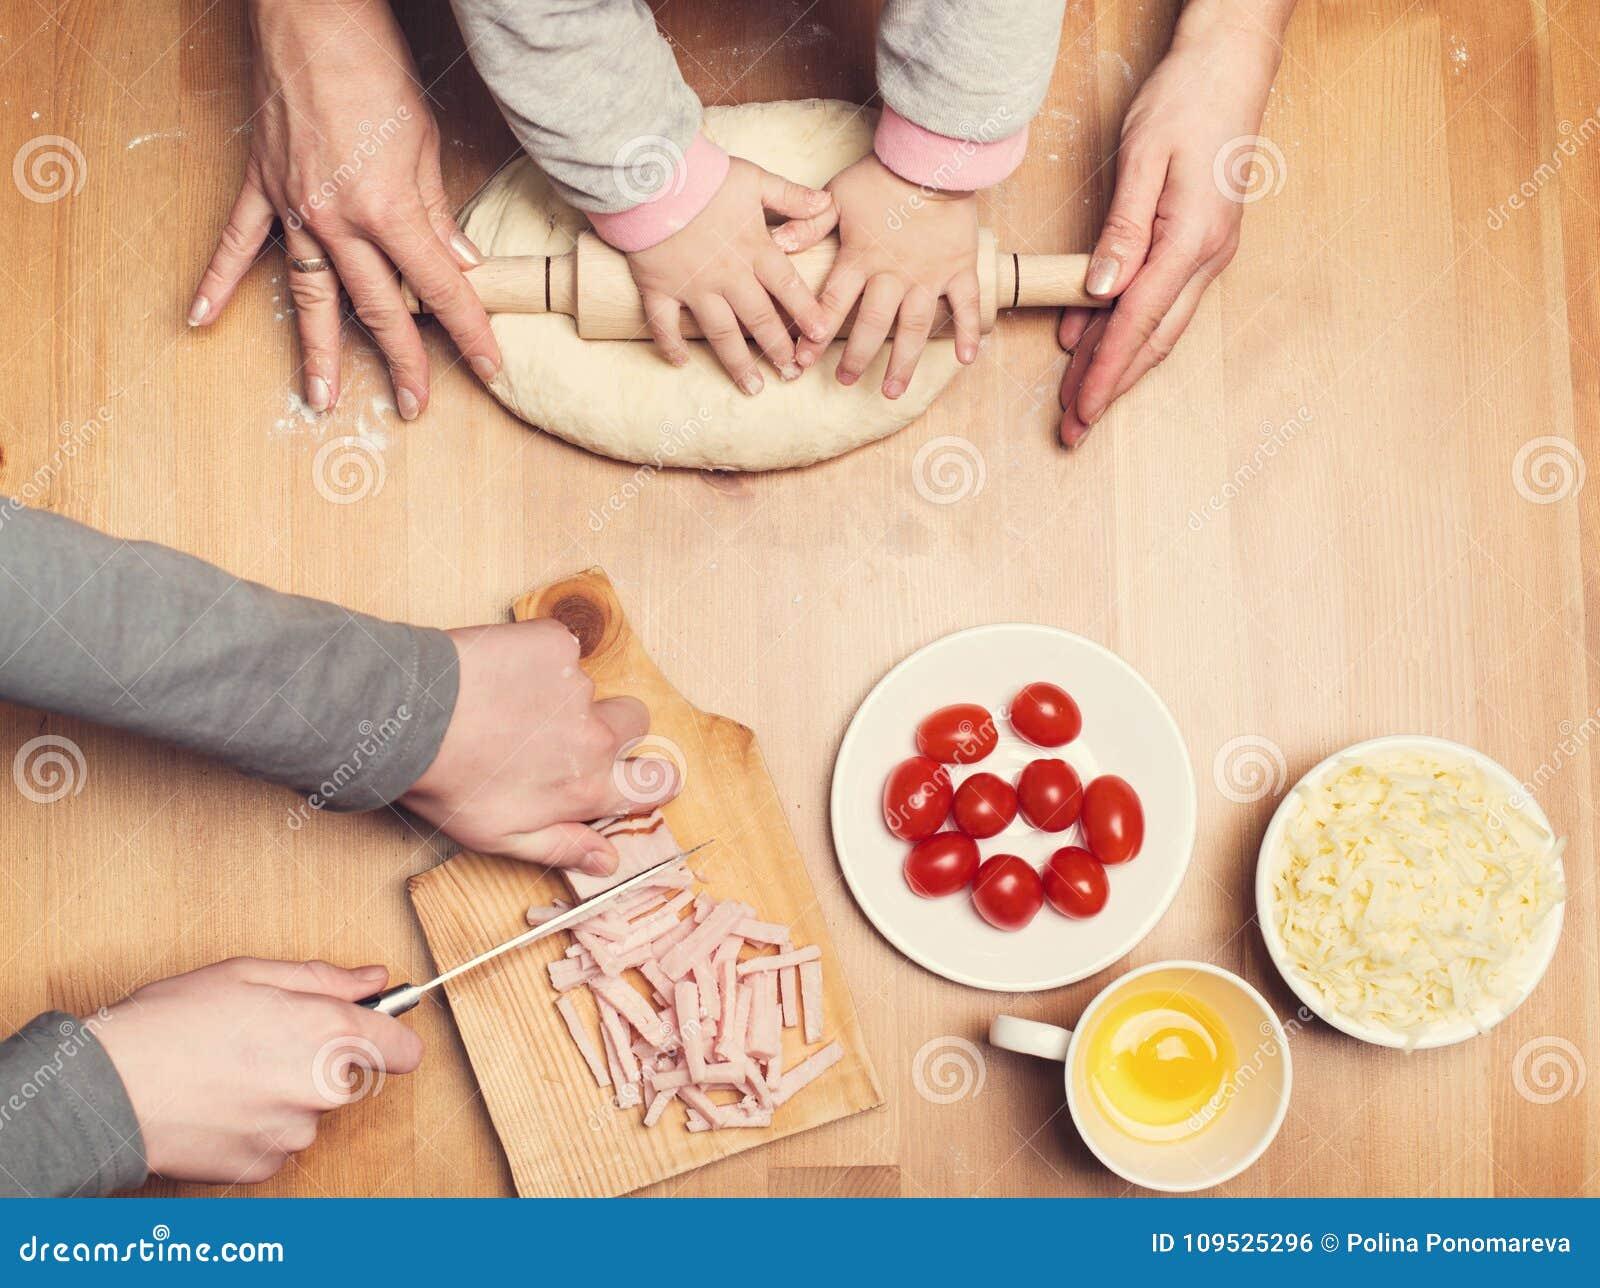 Manos trabajadoras El cocinar con los niños Mano del niño y de la madre